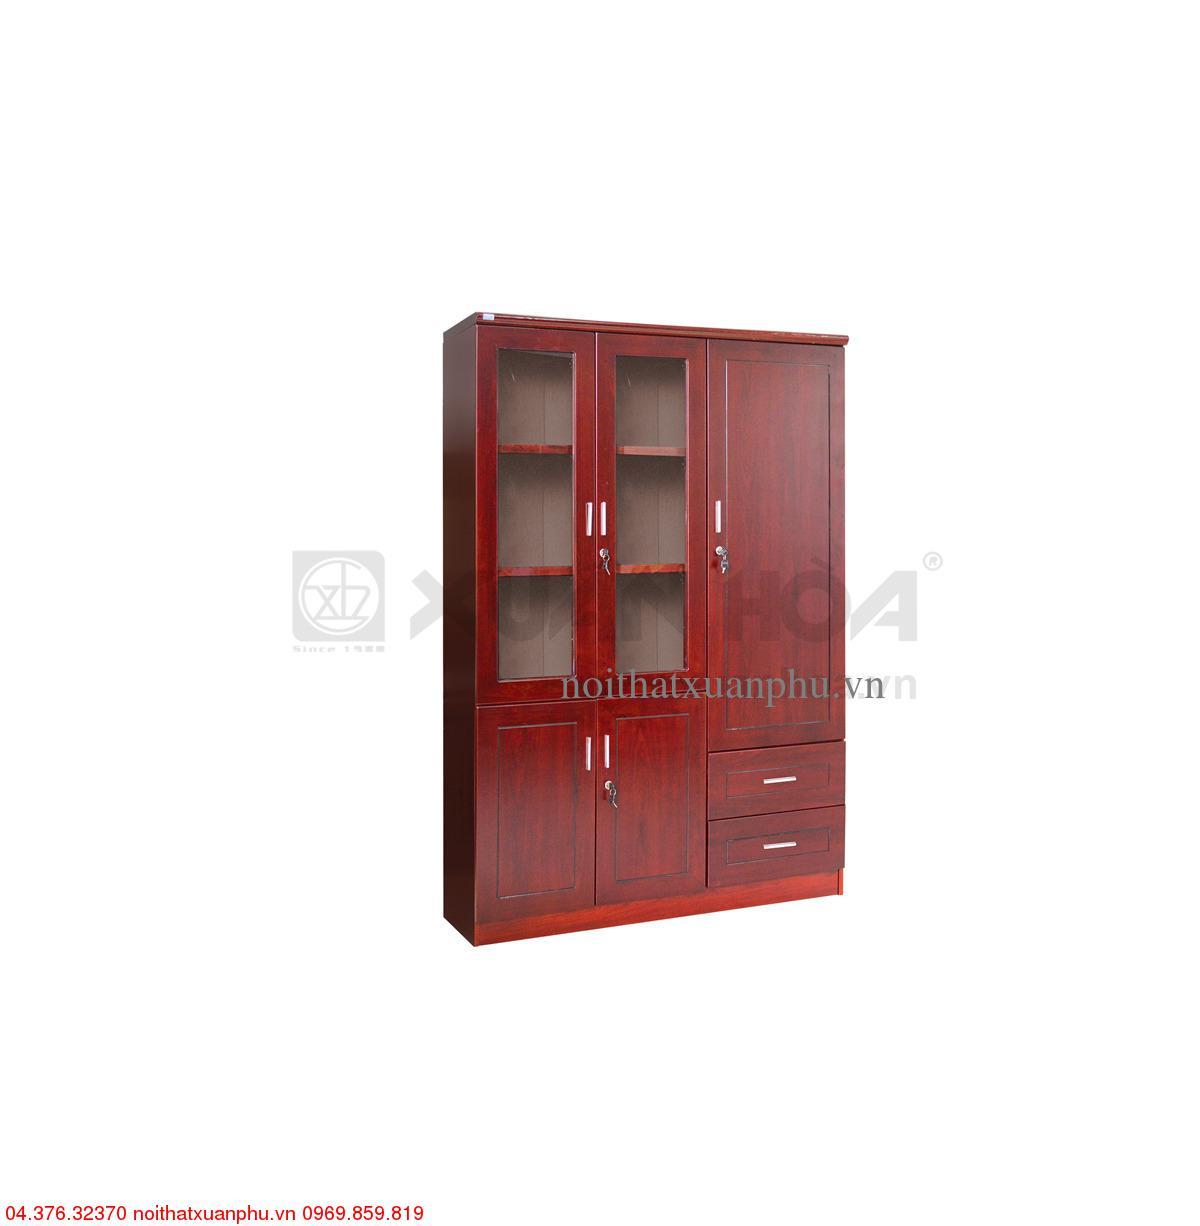 Hình ảnh sản phẩm Tủ gỗ sơn TGD-02-00